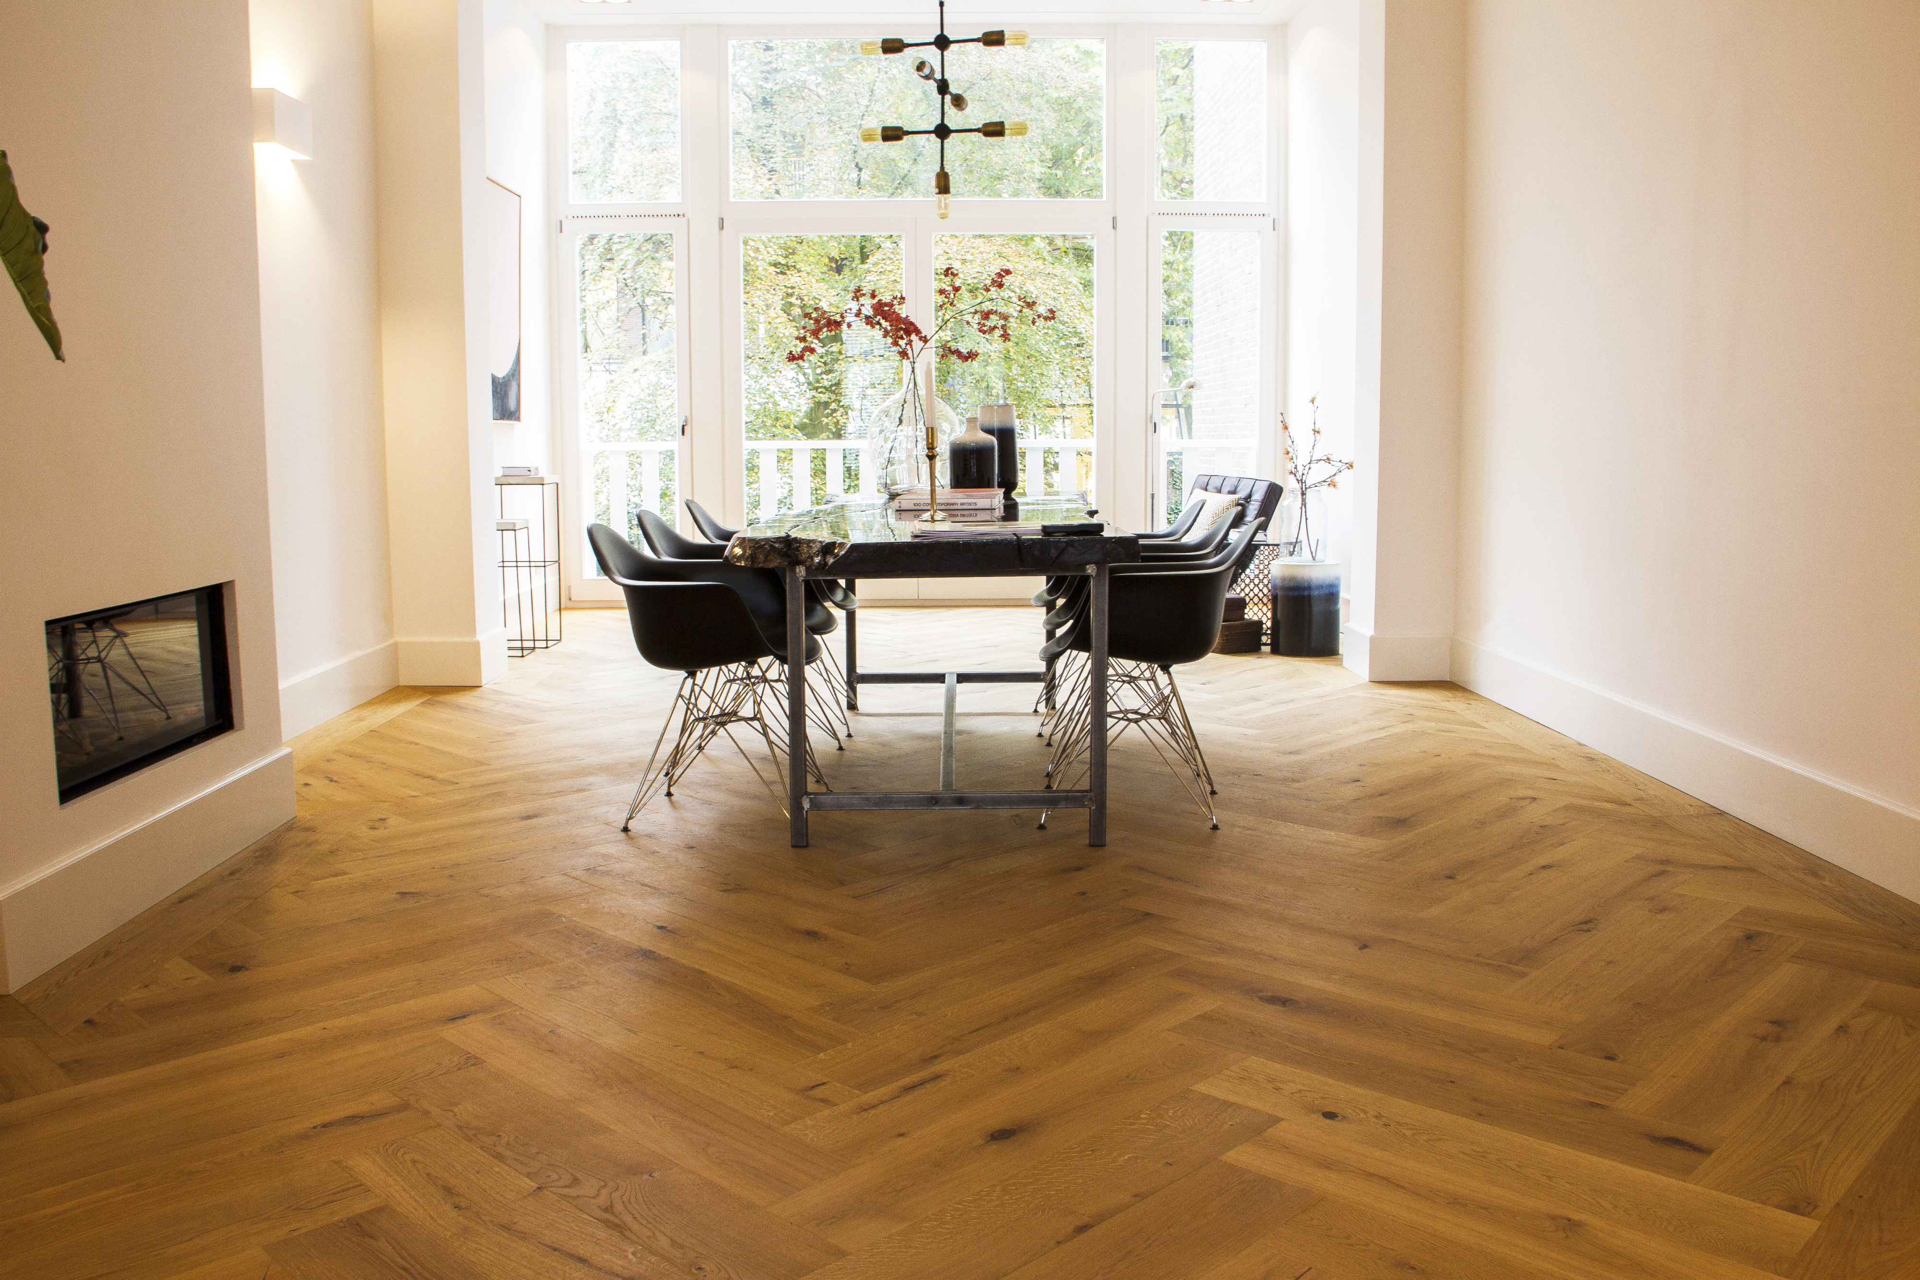 Moderne Visgraat Vloer : T g wood international bv een grote visgraat van cm